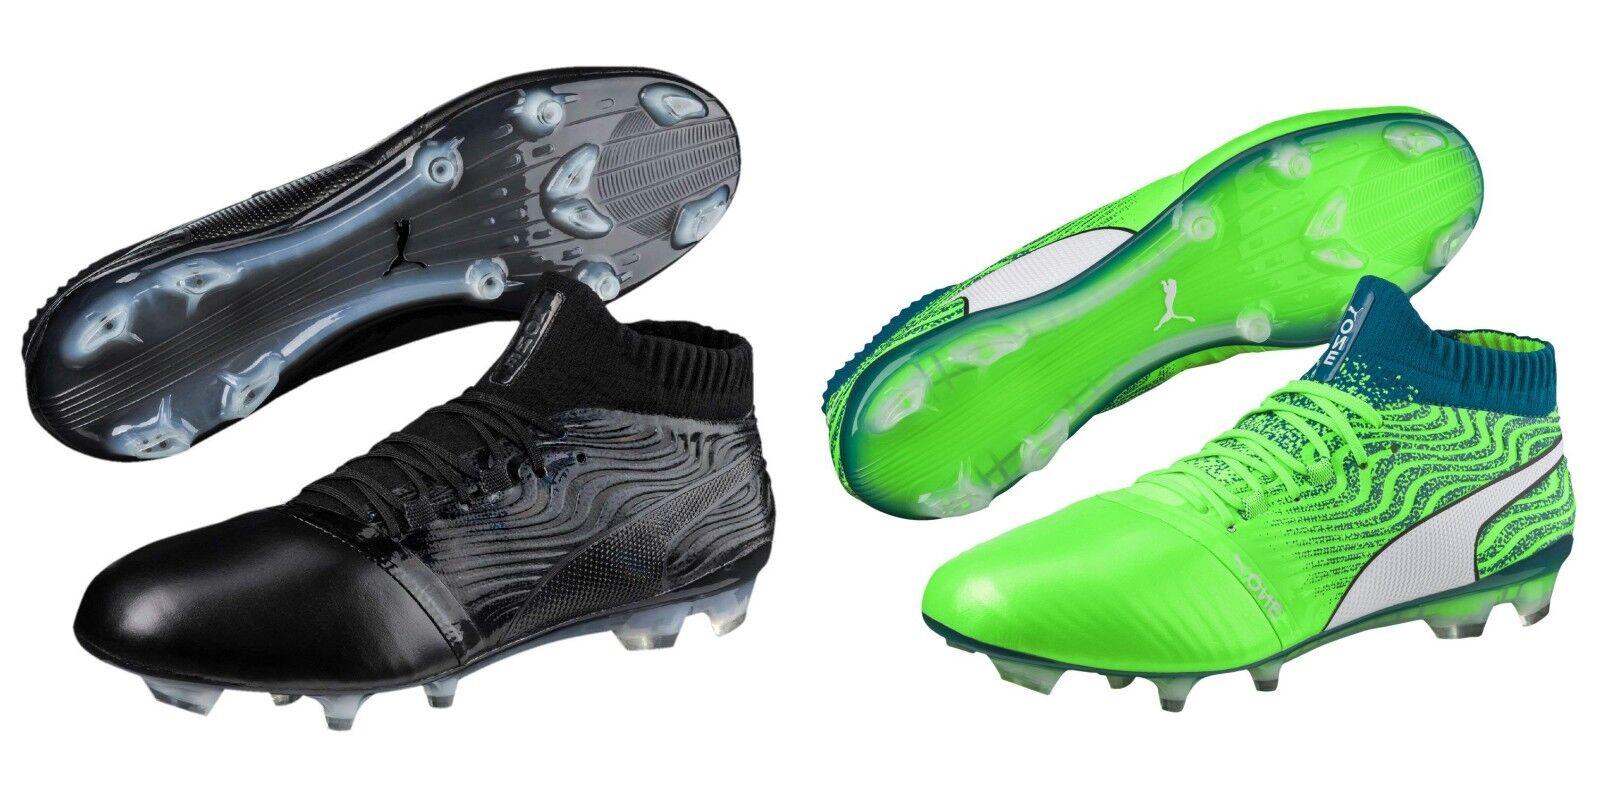 Nuevo Para Hombre Puma 18.1 FG Botines De Fútbol Negro o verde 104527